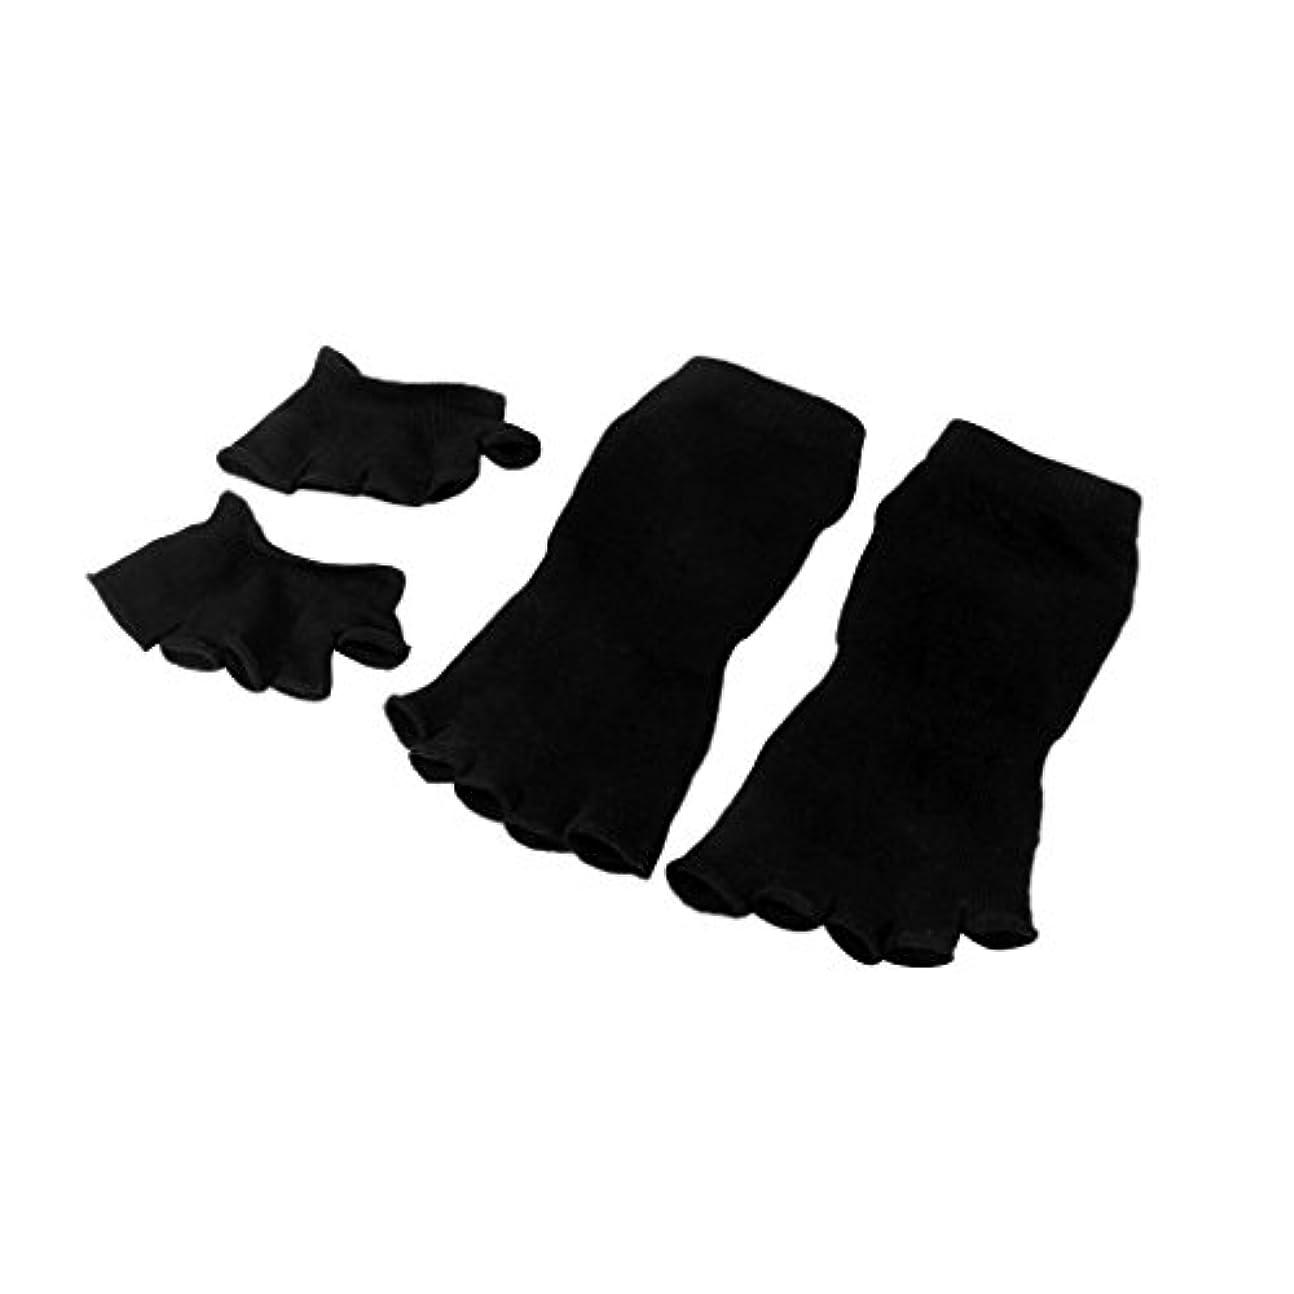 強調小麦粉ポーチ【Footful】ソックス 靴下 5本指つま先ソックス+爽快指の間カバー 4枚組 黒